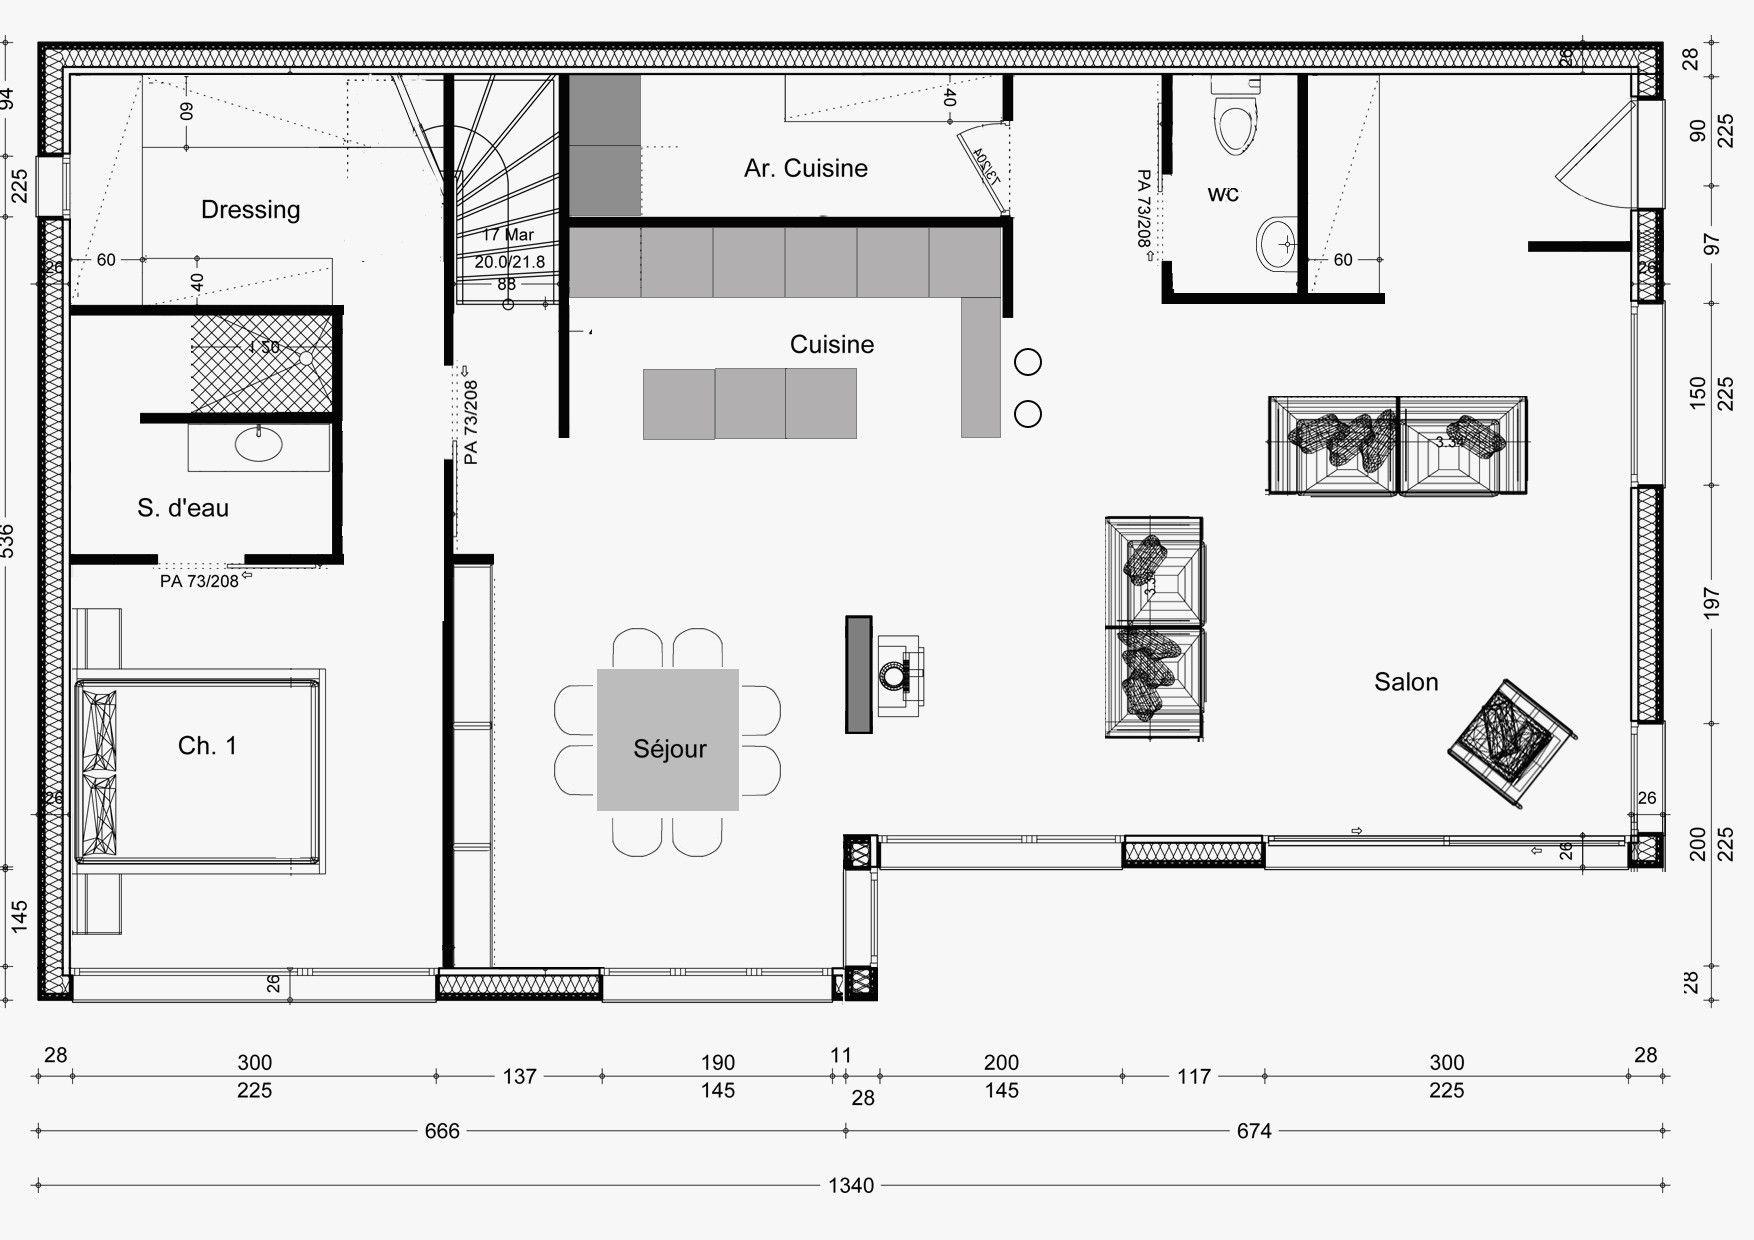 faire plan maison gratuit Faire Plan Maison Gratuit Unique Faire son Plan De Maison Gratuit #faire # maison